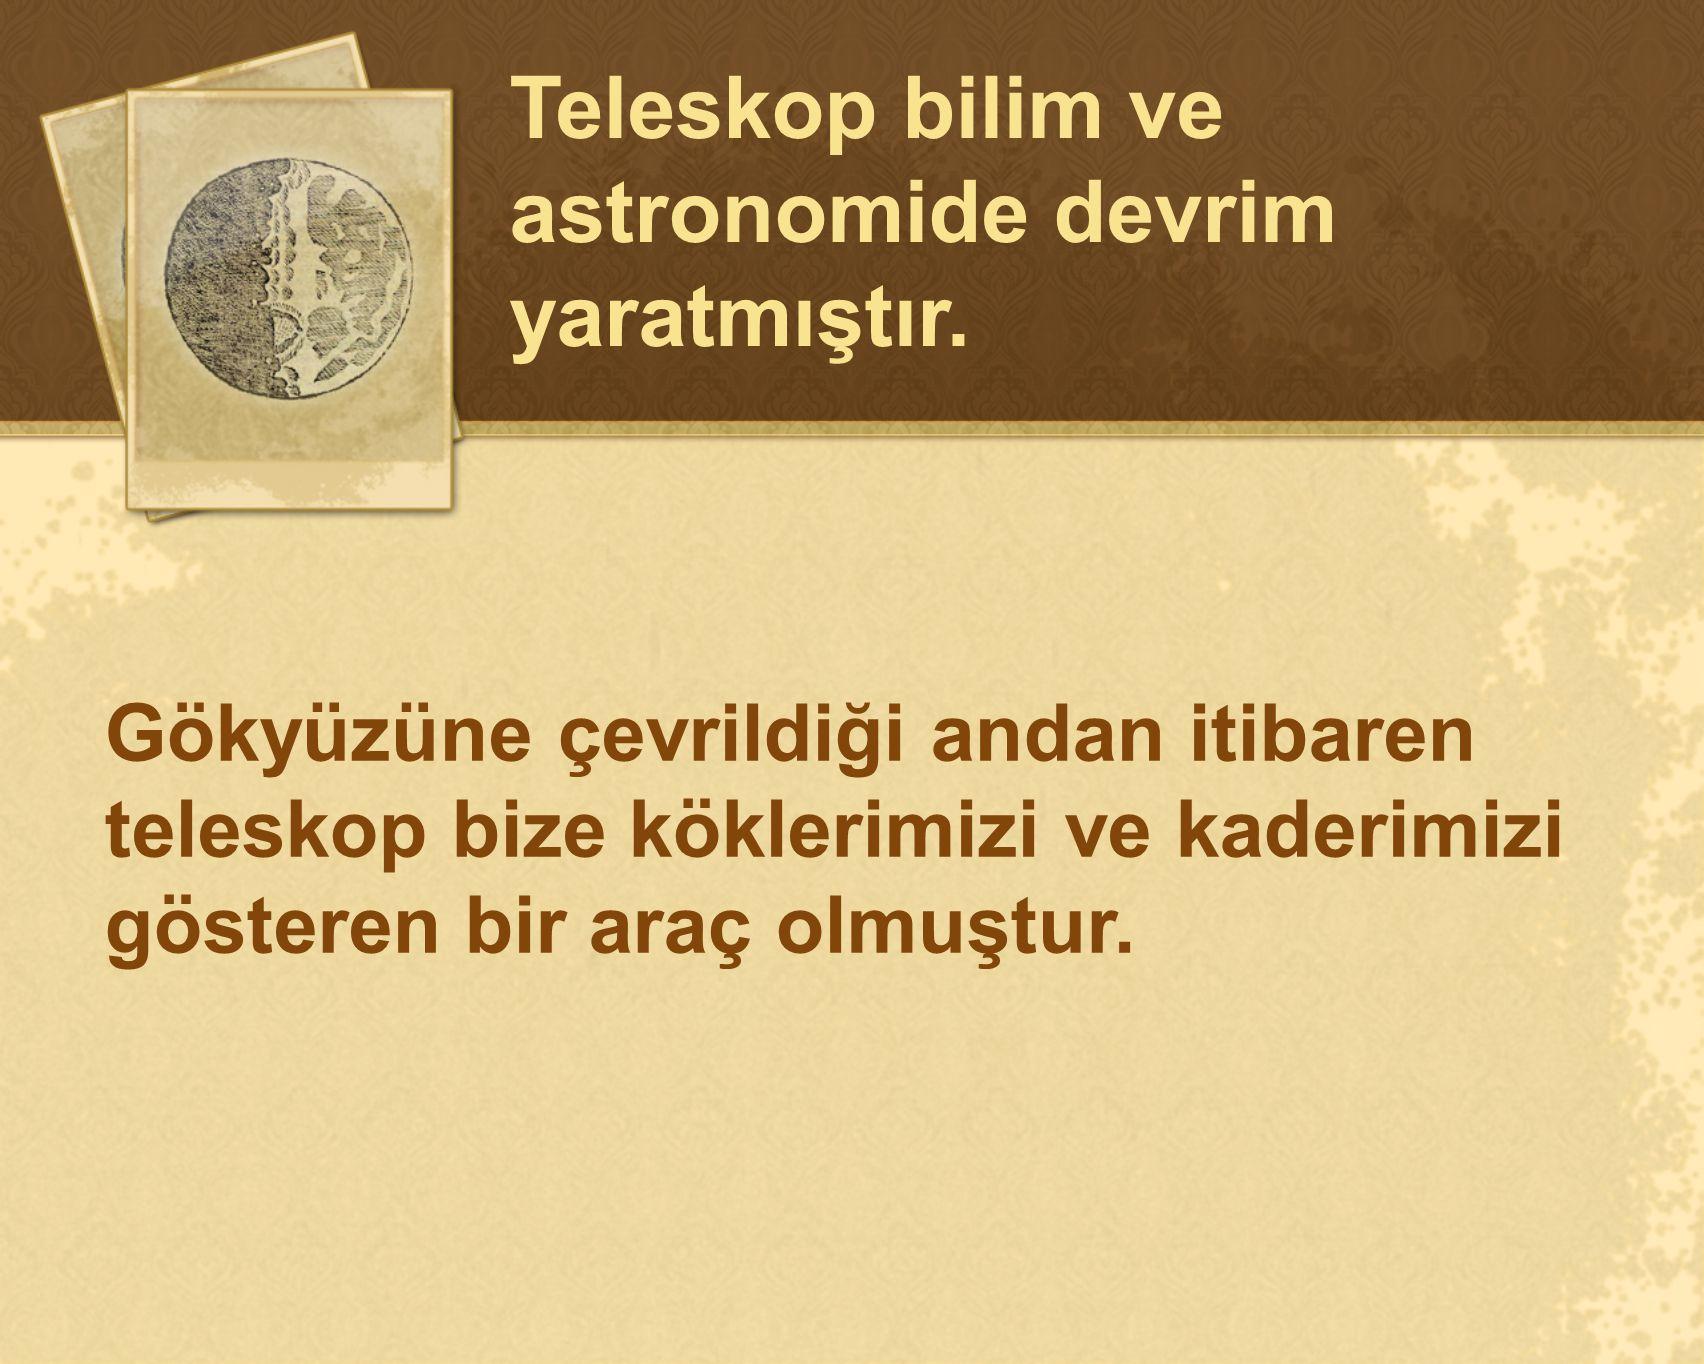 Teleskop bilim ve astronomide devrim yaratmıştır.